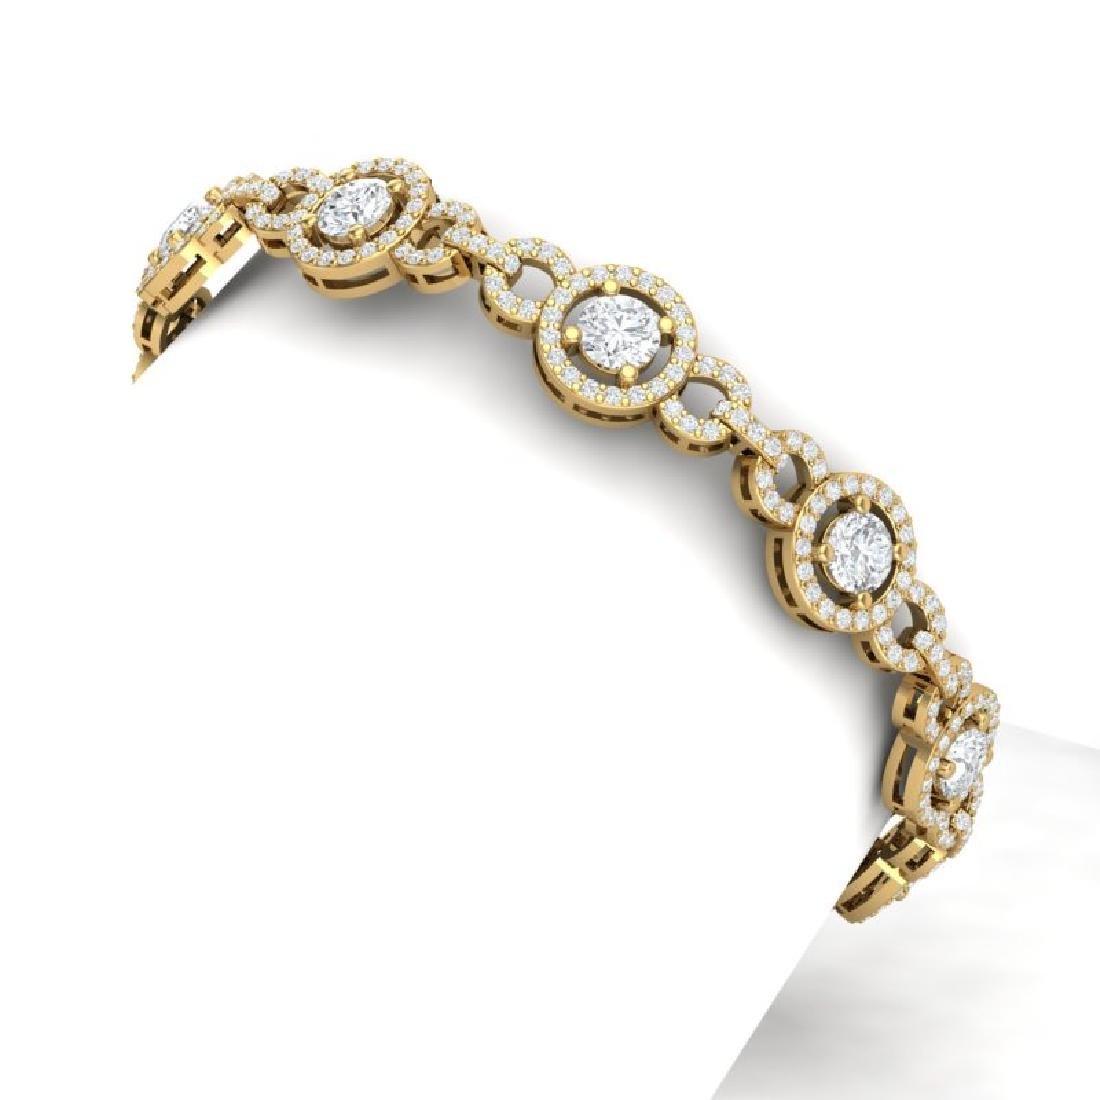 9 CTW Certified SI/I Diamond Halo Bracelet 18K Yellow